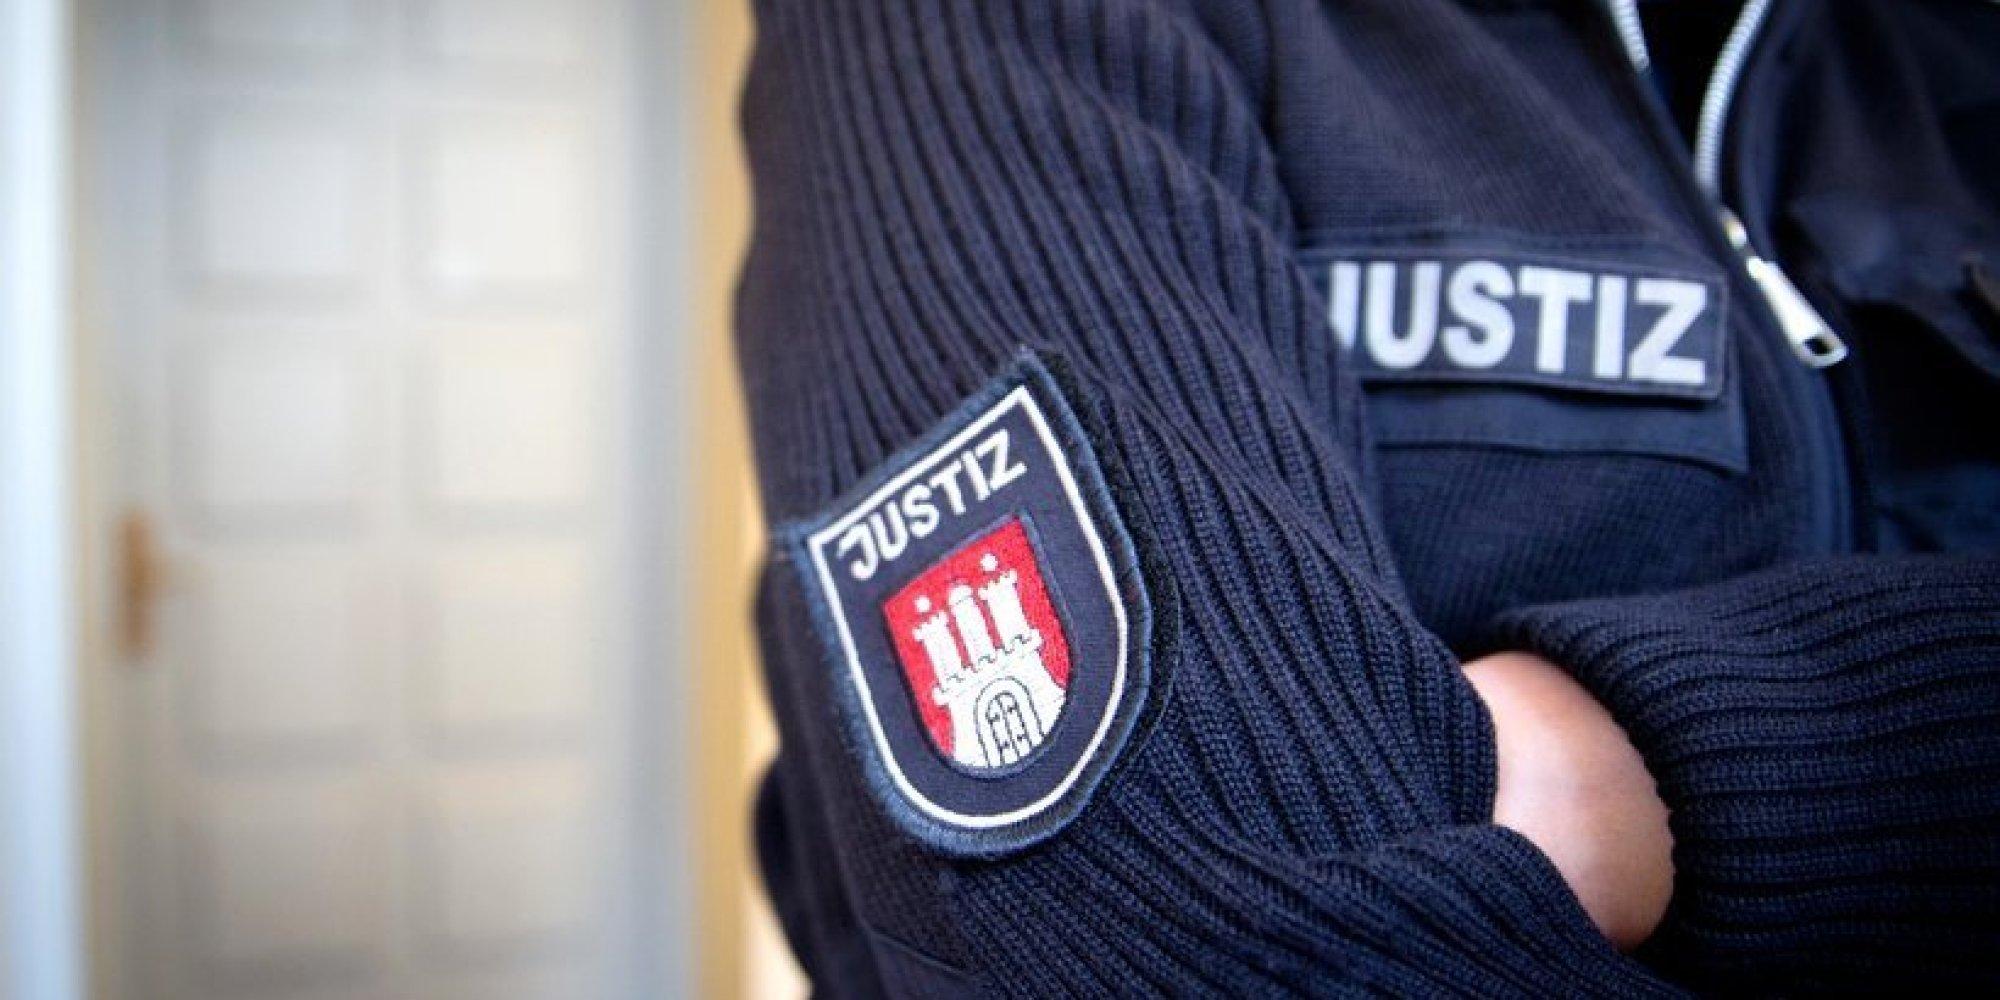 Gruppenvergewaltigung einer 14-Jährigen: Hamburger Gericht erntet Shit-Storm. So geht es dem Opfer